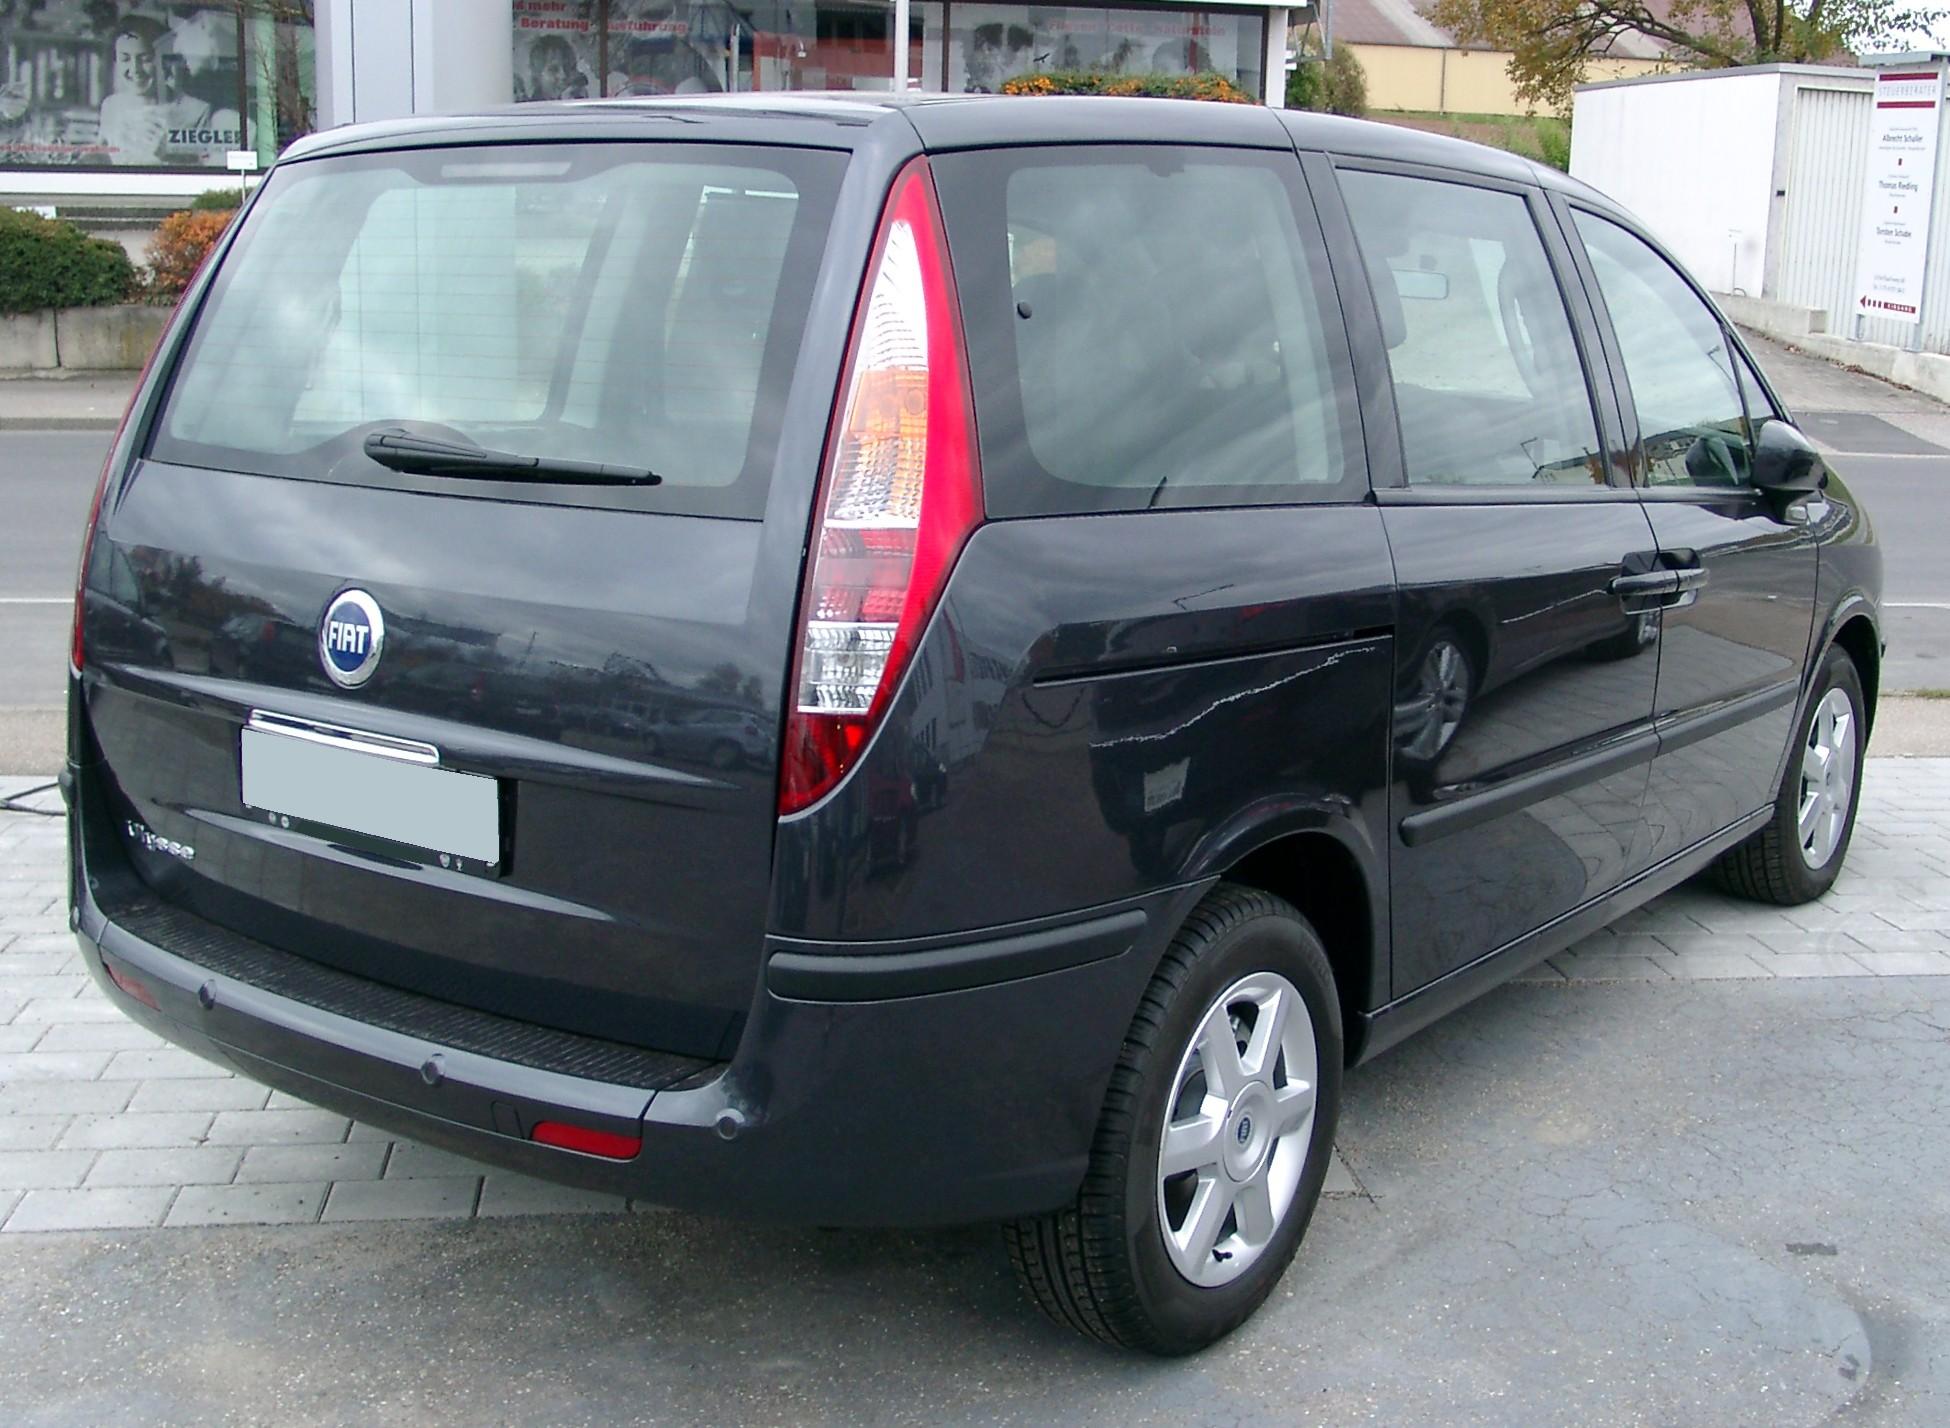 File:Fiat Ulysse rear 20071104.jpg - Wikimedia Commons